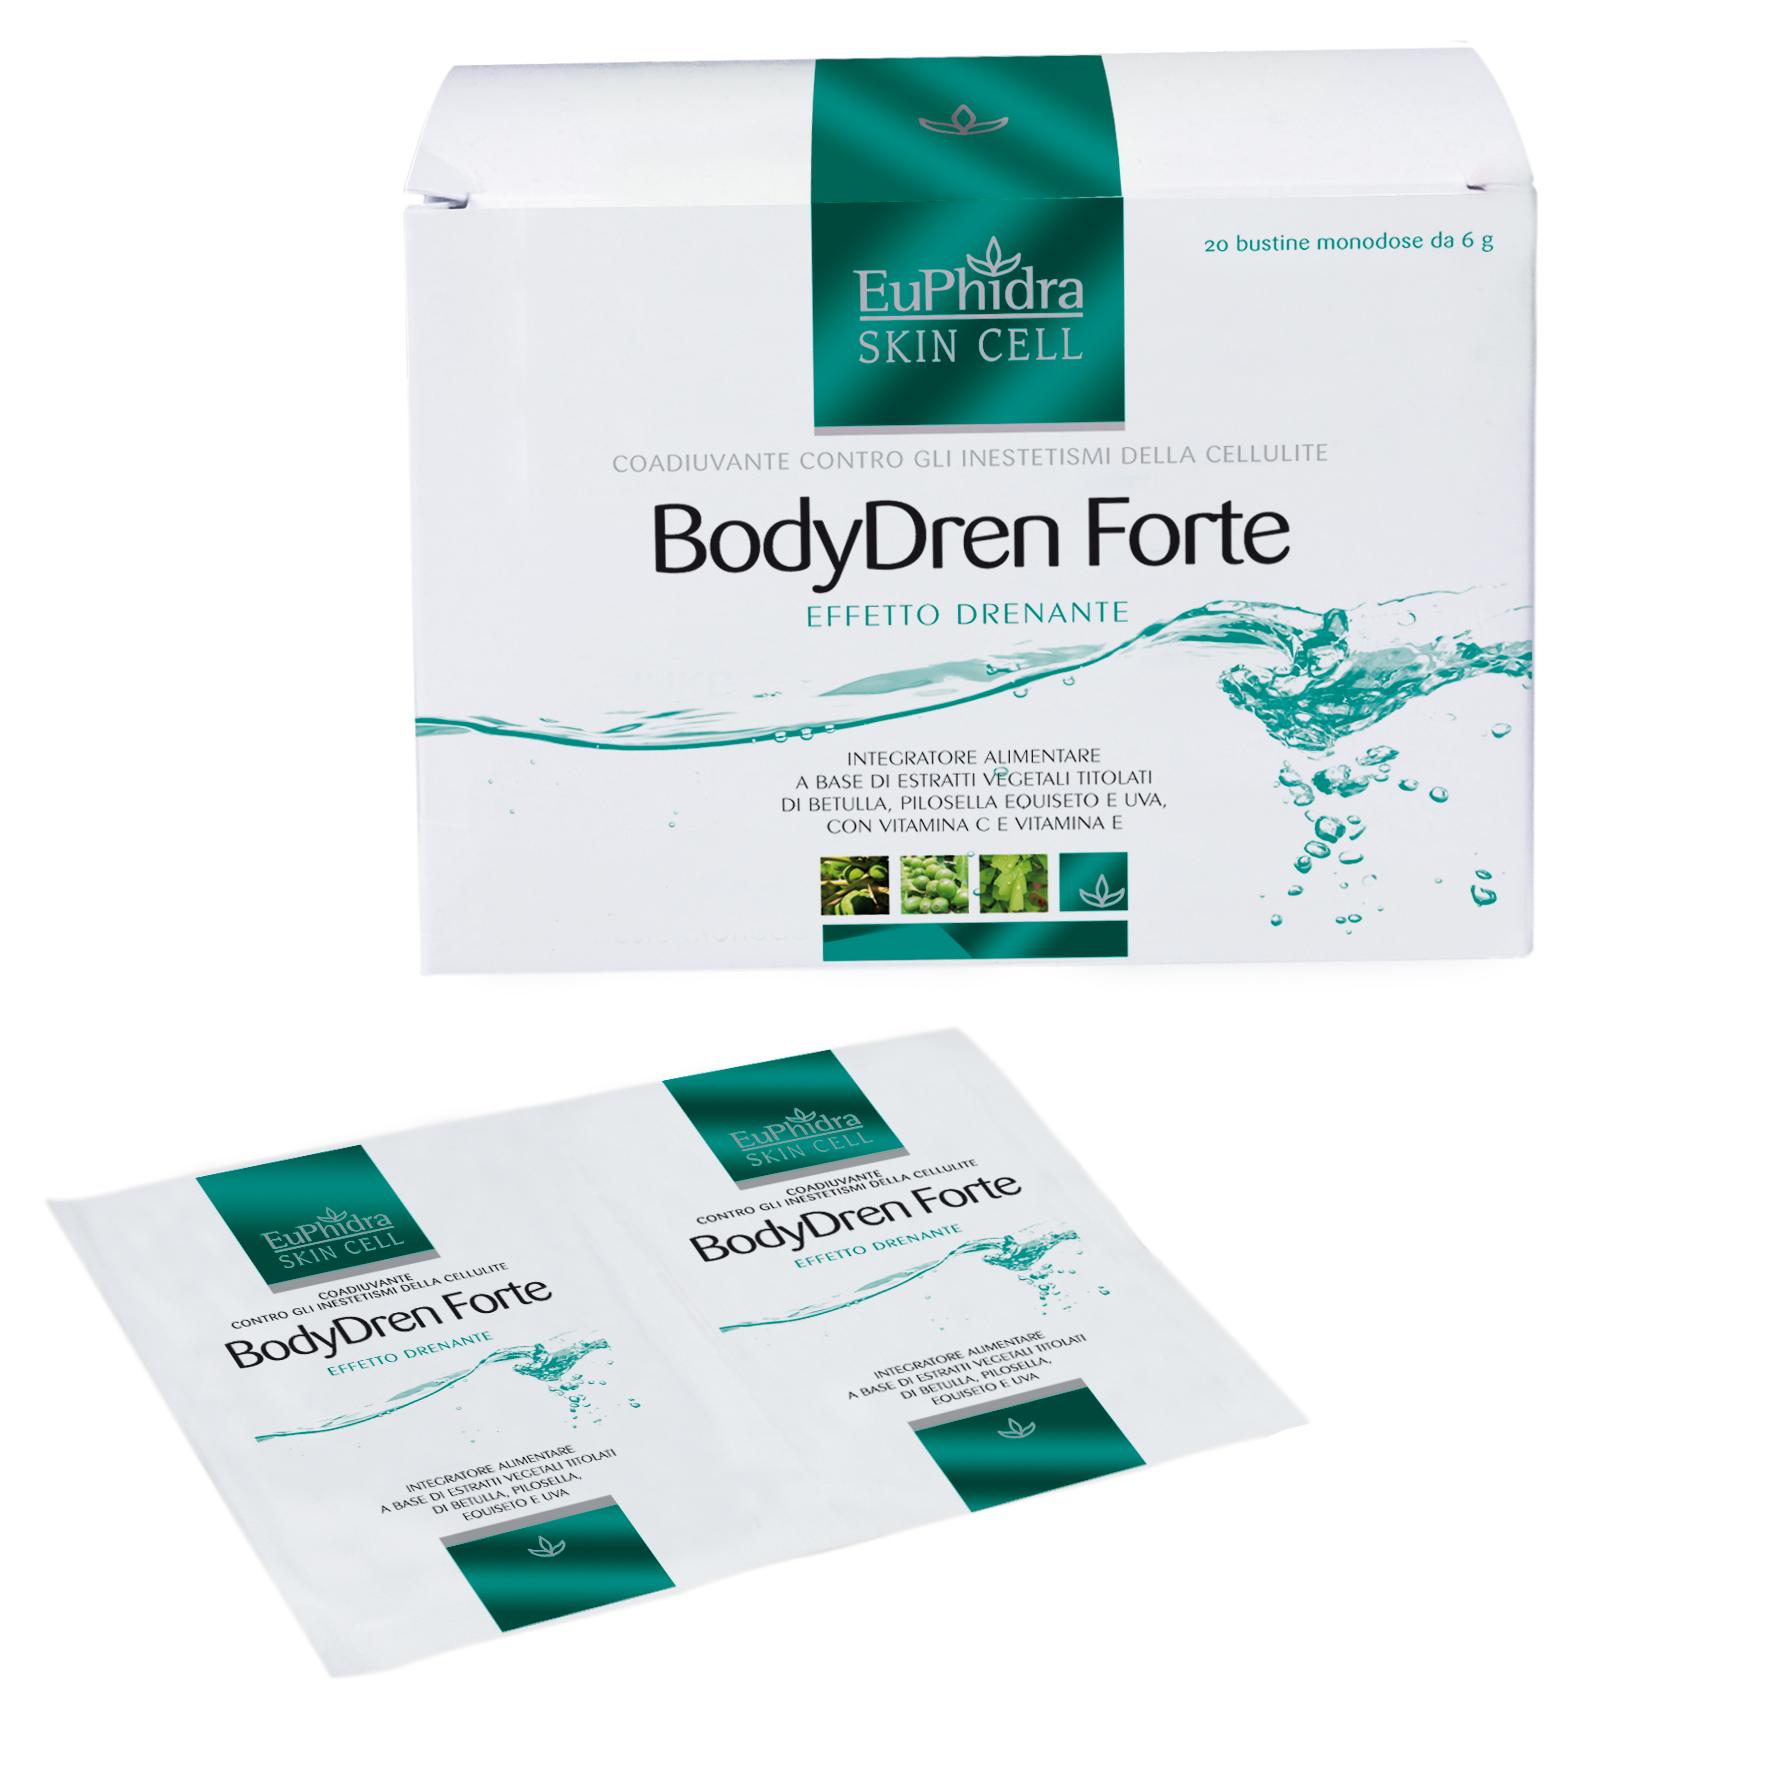 Euphidra Skin Cell BodyDren Forte: l'integratore solubile..